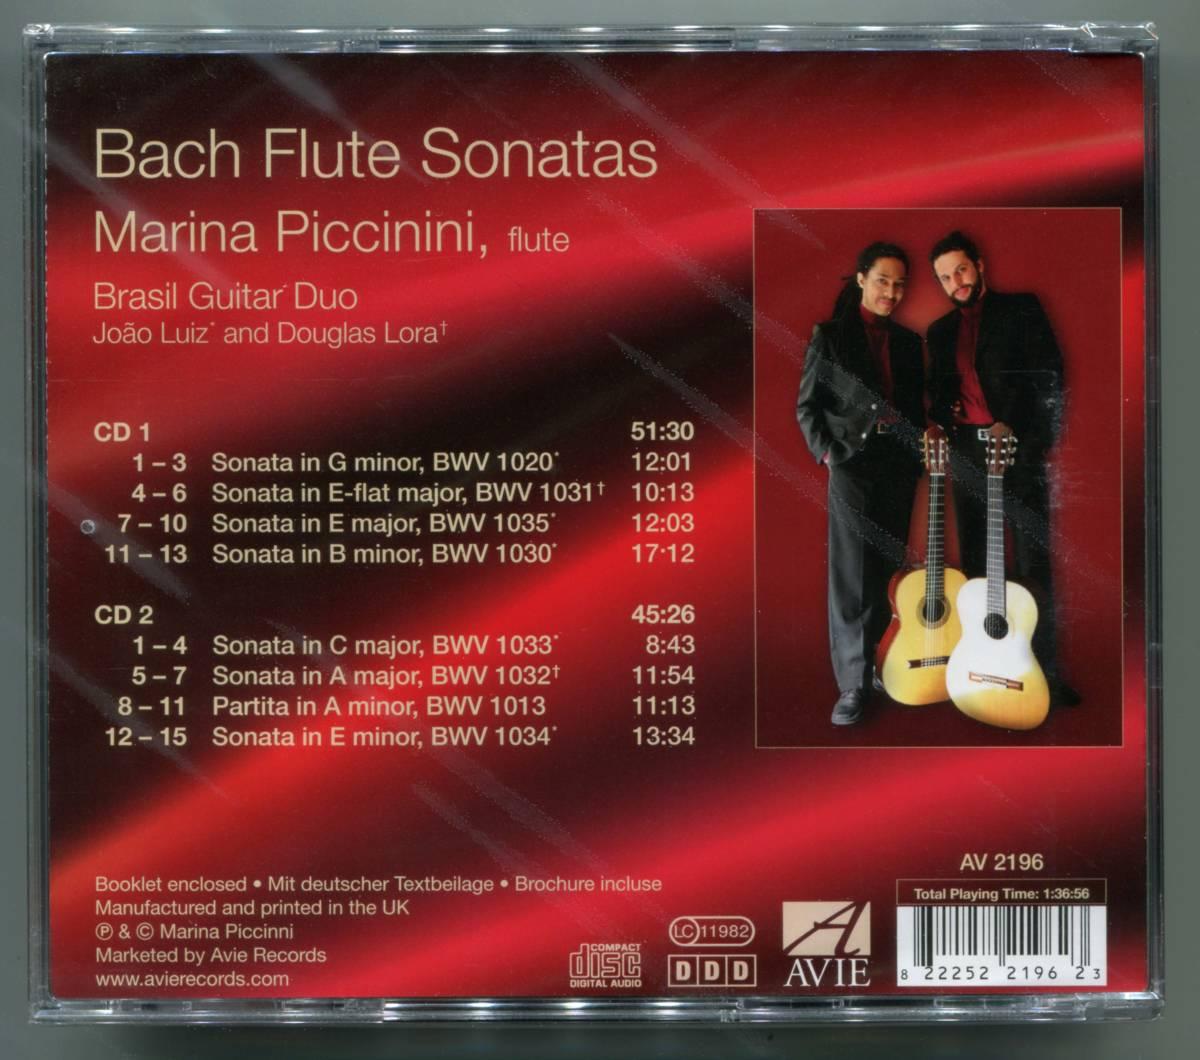 ☆送料込/未開封/ マリーナ・ピッチニーニ&ブラジル・ギター・デュオ Marina Piccinini & Brasil Guitar Duo / Bach Flute Sonatas 2CD_画像2